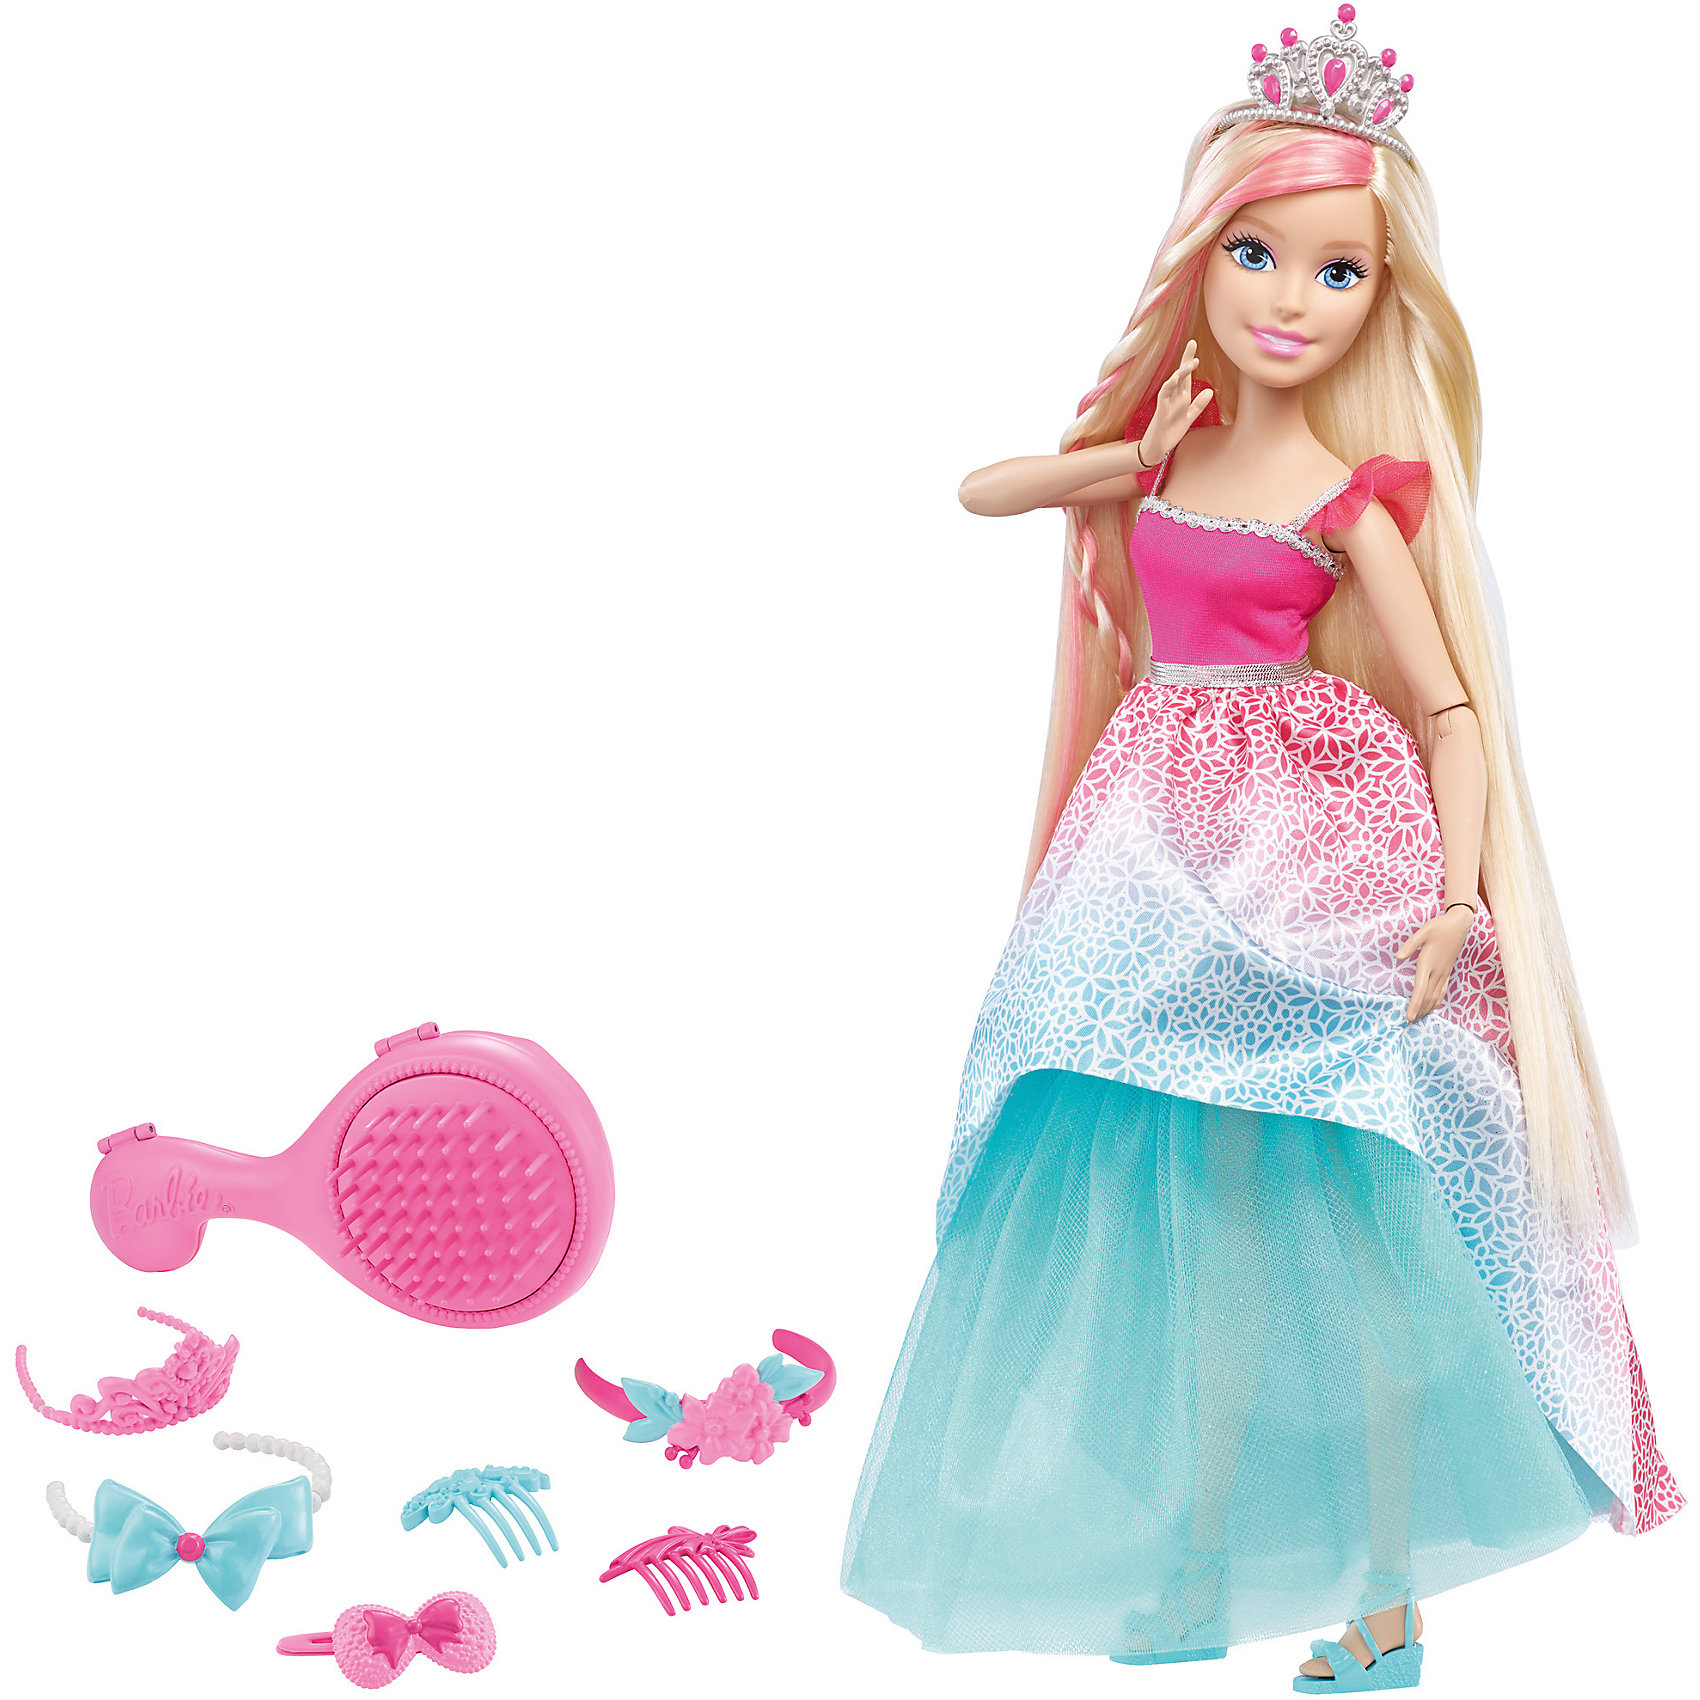 Кукла большого размера с длинными волосами, BarbieКуклы большого размера с длинными волосами, Barbie, в ассортименте от Mattel (Маттел) ? новая линейка кукол Барби с длинными волосами и аксессуарами для волос. Куклы этой серии выполнены из безопасного и качественного пластика, части тела ? на шарнирах, что позволяет придавать разнообразные позы. <br>У Barbie длинные густые волосы, из которых можно делать огромное количество причесок. Кукла одета в праздничное платье: розовый лиф платья украшено тесьмой, низ платья состоит из двух юбок – нижняя пышная юбка голубого цвета, верхняя розовая с цветочным принтом. На ногах голубые босоножки. В комплекте с куклой имеется расческа-шкатулка, 3 заколки розового и голубого цвета, 2 заколки гребня, 1 повязка-баррета и тиара. <br>Куклы большого размера с длинными волосами, Barbie, в ассортименте от Mattel (Маттел) ? идеальный подарок для девочки к любому торжеству.<br><br>Дополнительная информация:<br><br>- Вид игр: сюжетно-ролевые <br>- Предназначение: для дома<br>- Комплектация: кукла, аксессуары <br>- Материал: пластик, резина, текстиль<br>- Размеры (Д*Ш*В): 9,5*35,5*32,5 см, высота куклы 43 см<br>- Вес: 950 г<br>- Особенности ухода: куклу и аксессуары можно мыть в теплой мыльной воде<br><br>Подробнее:<br><br>• Для детей в возрасте: от 3 лет и до 12 лет<br>• Страна производитель: Индонезия<br>• Торговый бренд: Barbie<br><br>Куклы большого размера с длинными волосами, Barbie, в ассортименте от Mattel (Маттел) можно купить в нашем интернет-магазине.<br><br>Ширина мм: 95<br>Глубина мм: 355<br>Высота мм: 325<br>Вес г: 950<br>Возраст от месяцев: 36<br>Возраст до месяцев: 144<br>Пол: Женский<br>Возраст: Детский<br>SKU: 4915800